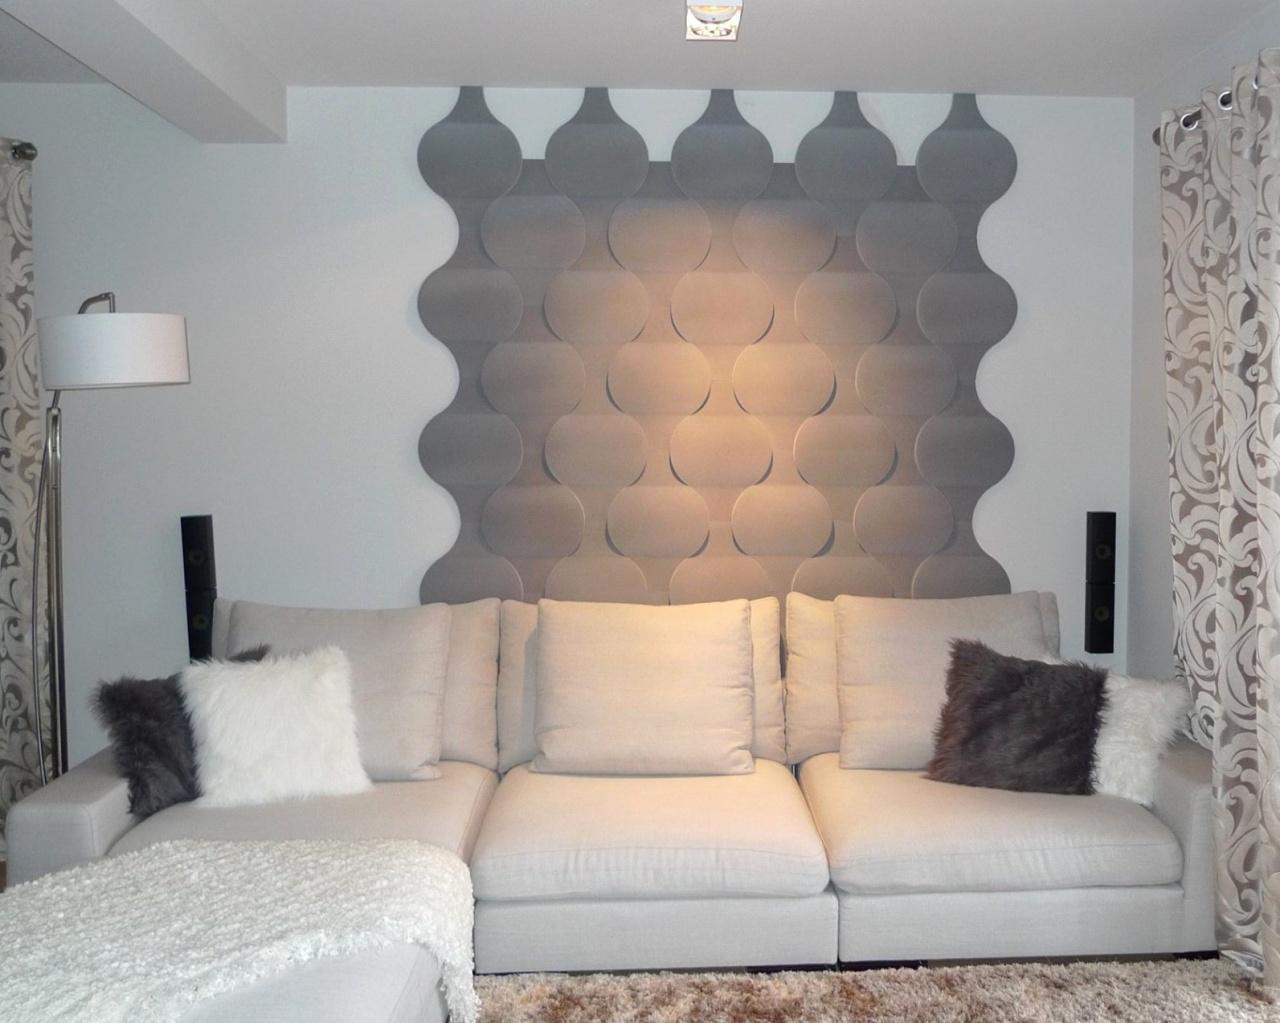 Full Size of Yellow Sofa Living Room Ideas   Kleines Wohnzimmer Gestalten Ideen Der Diesjährige Trend Wohnzimmer Sofa Kleines Wohnzimmer